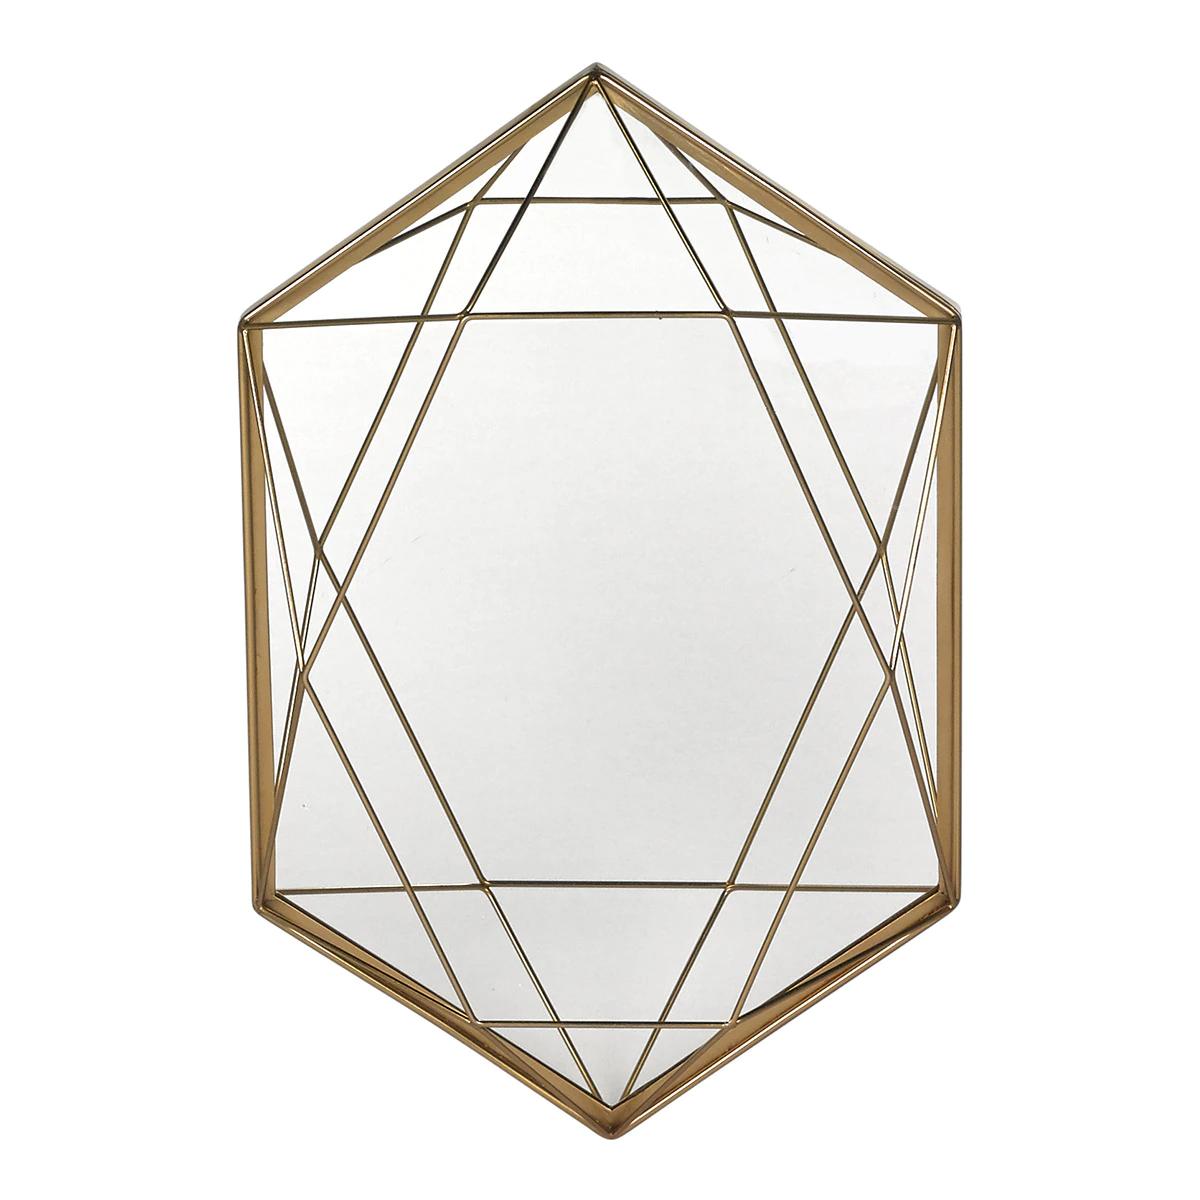 Espejo decorativo hexagonal Diamante Room - El Corte Inglés